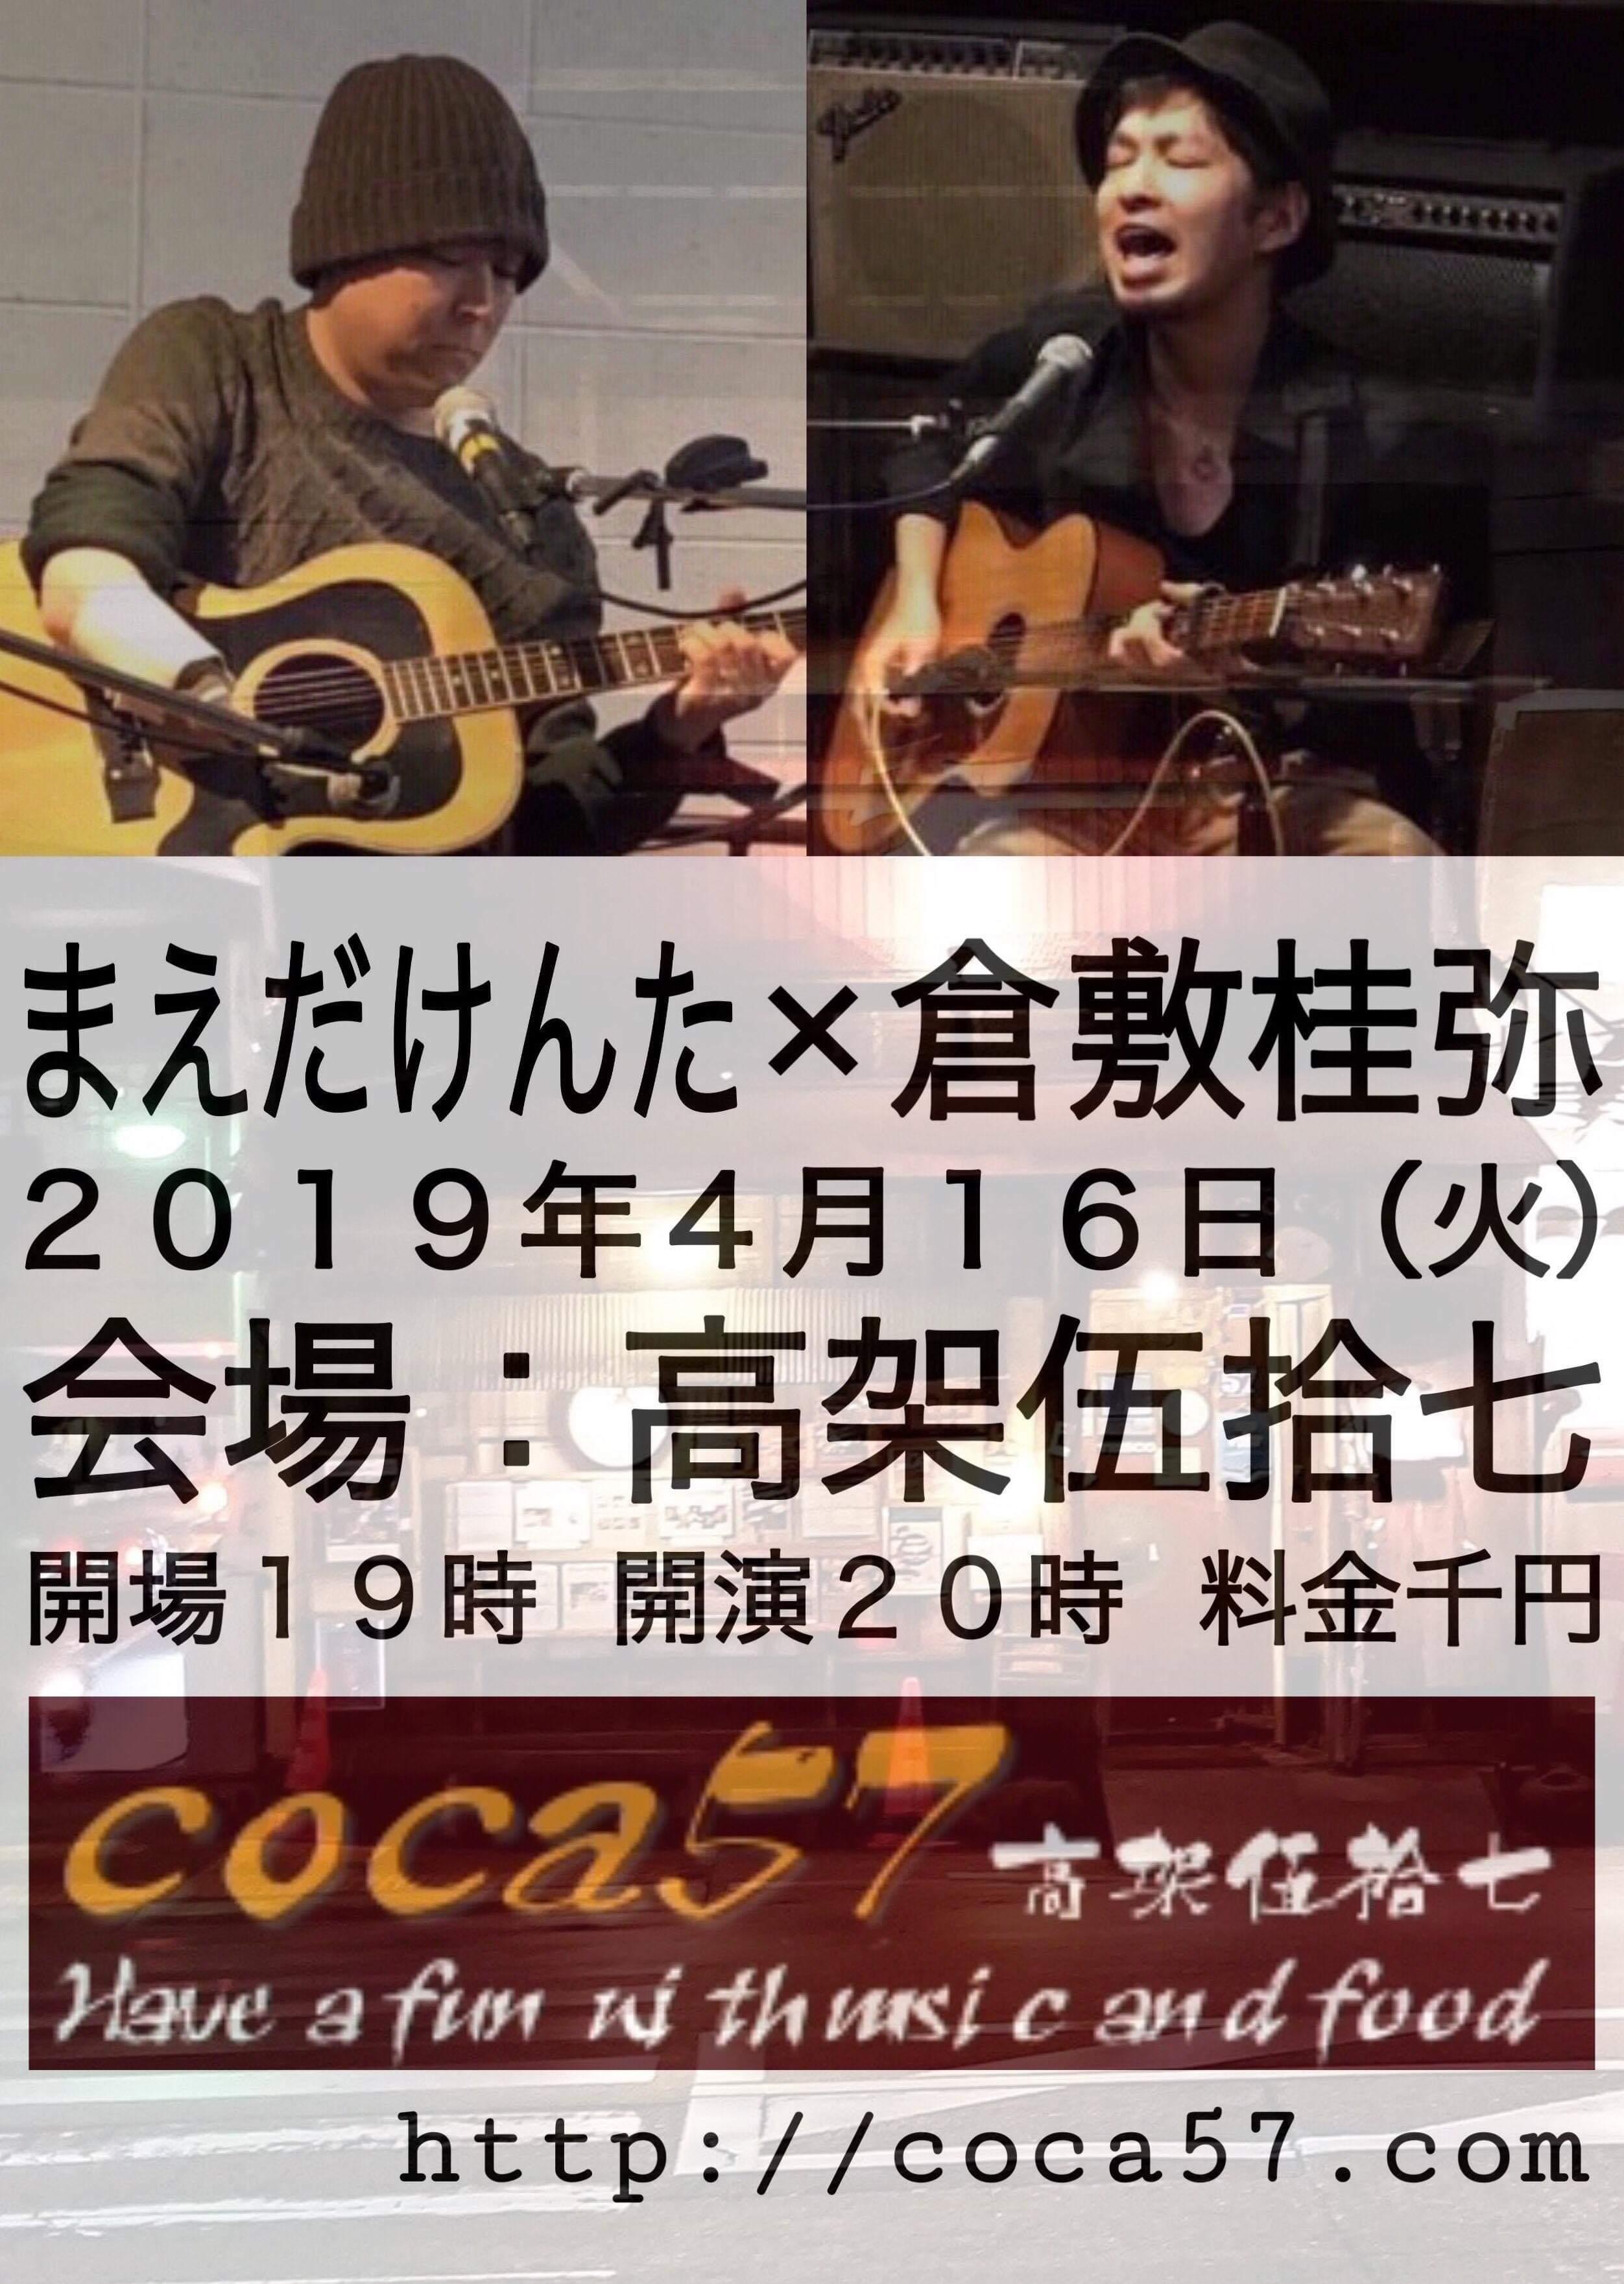 まえだけんたlive  Open 19:00 出演:まえだけんた/倉敷桂弥